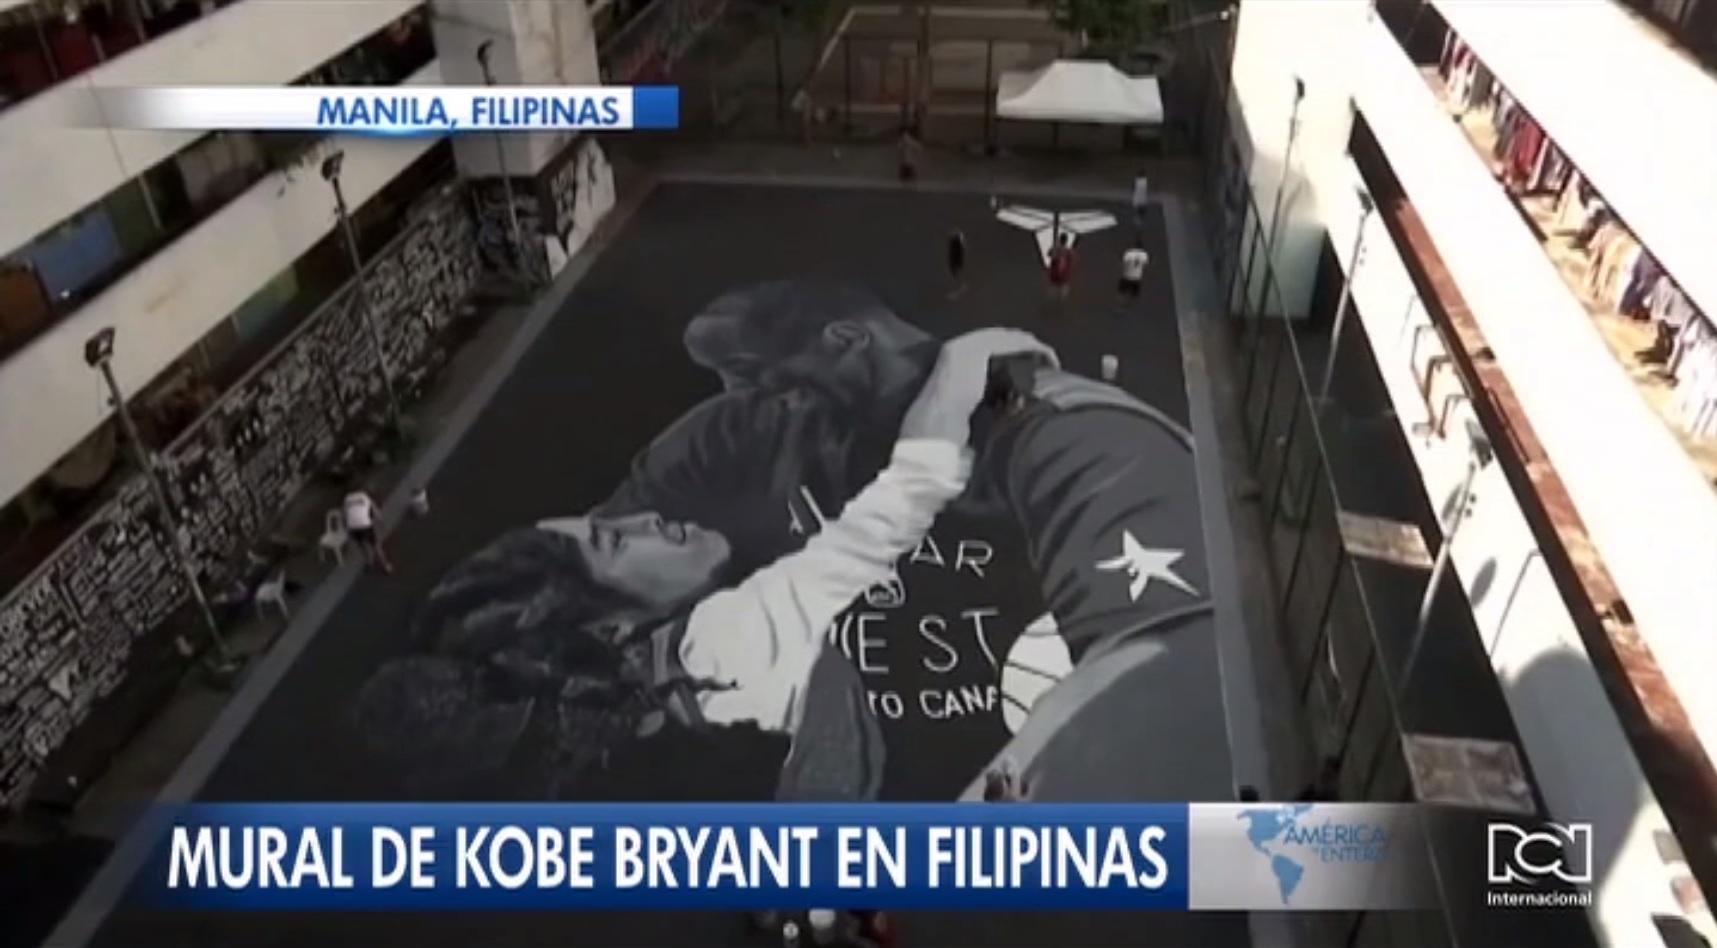 Mural de Kobe Bryant es centro de atención en la capital de Filipinas